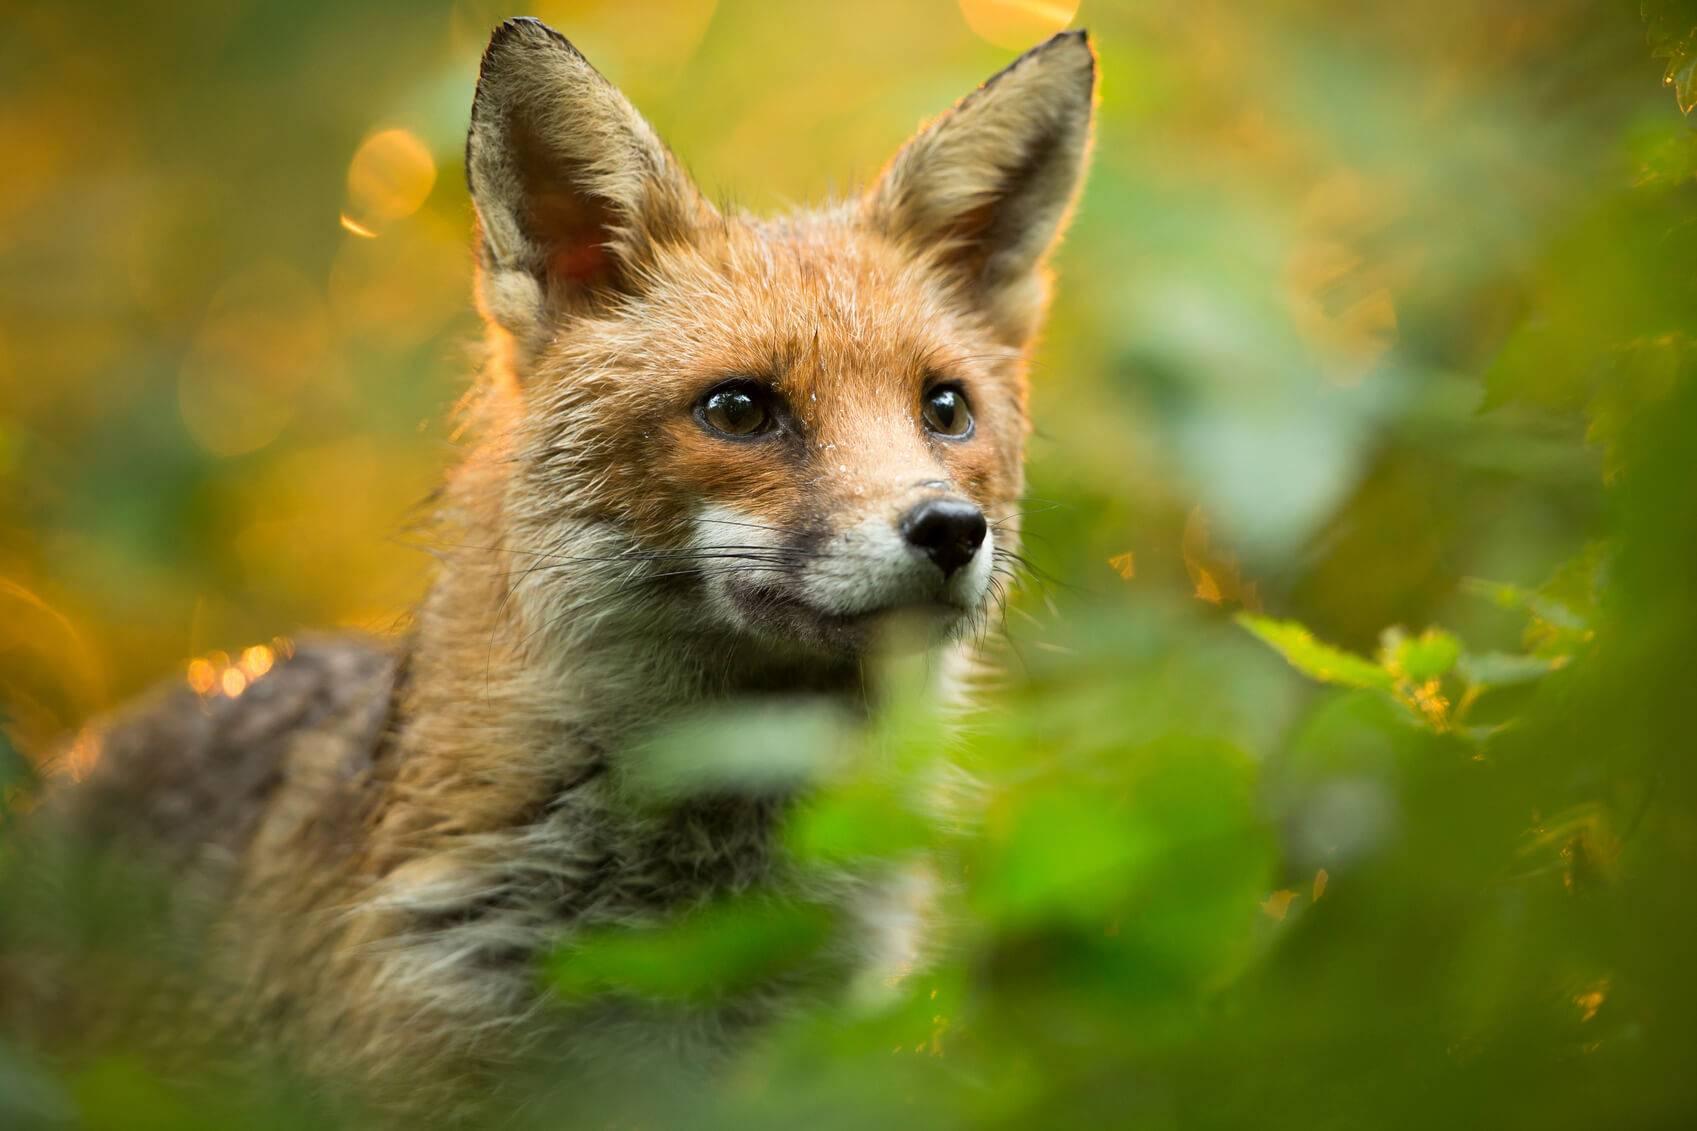 comment eviter les intrusions des renards des chats dans poulailler